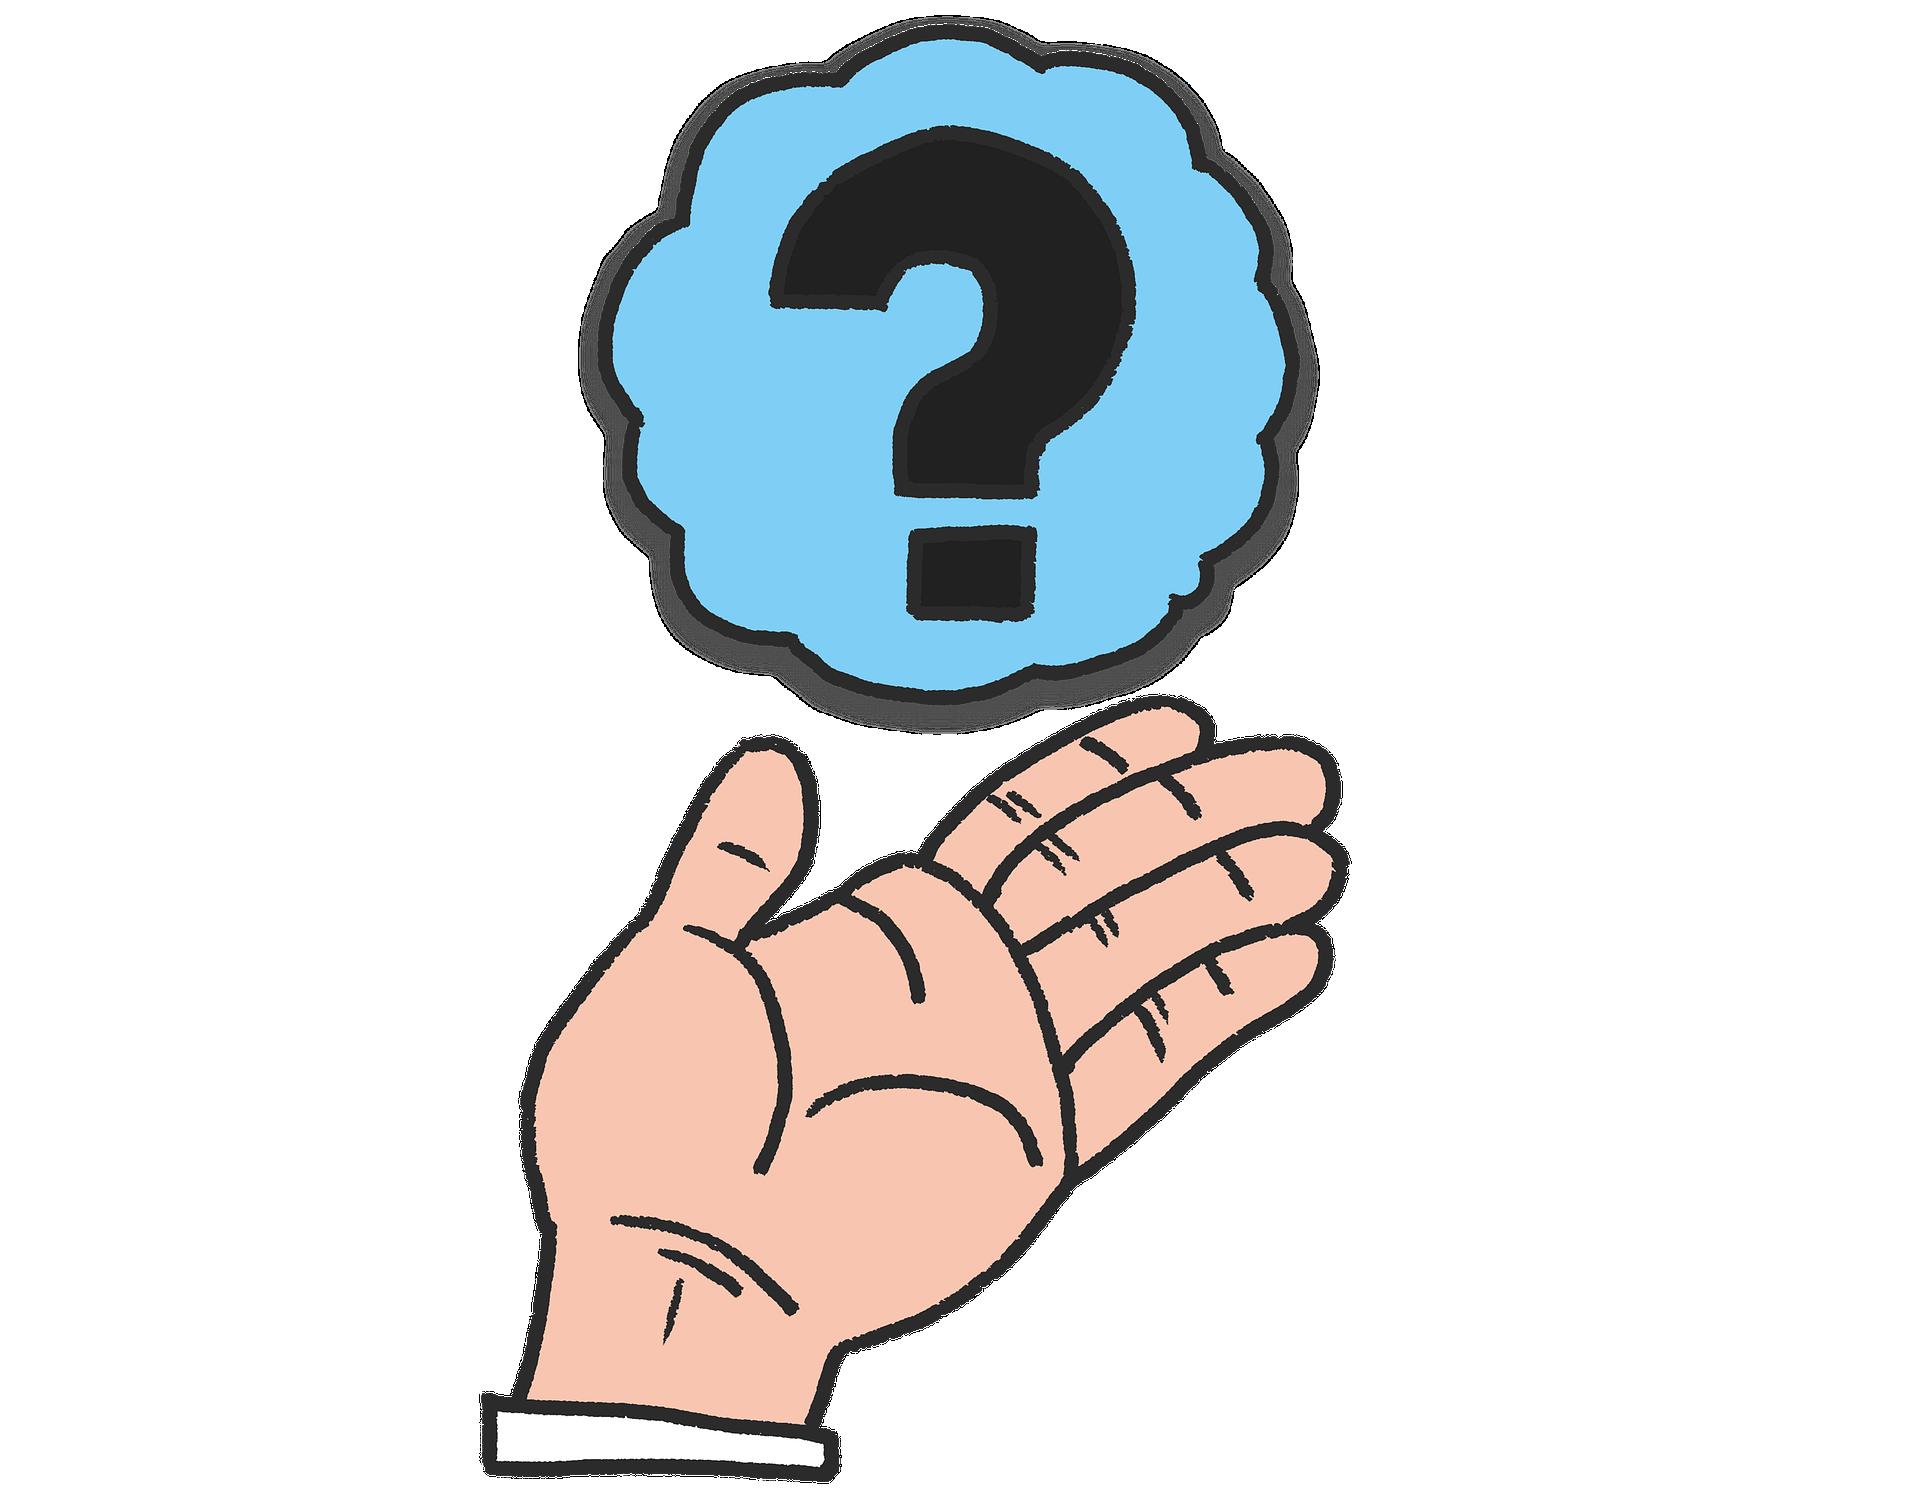 【受注率UP!】クラウドソーシングで案件が取れない方向けに提案文を解説!【3無し状態が原因】